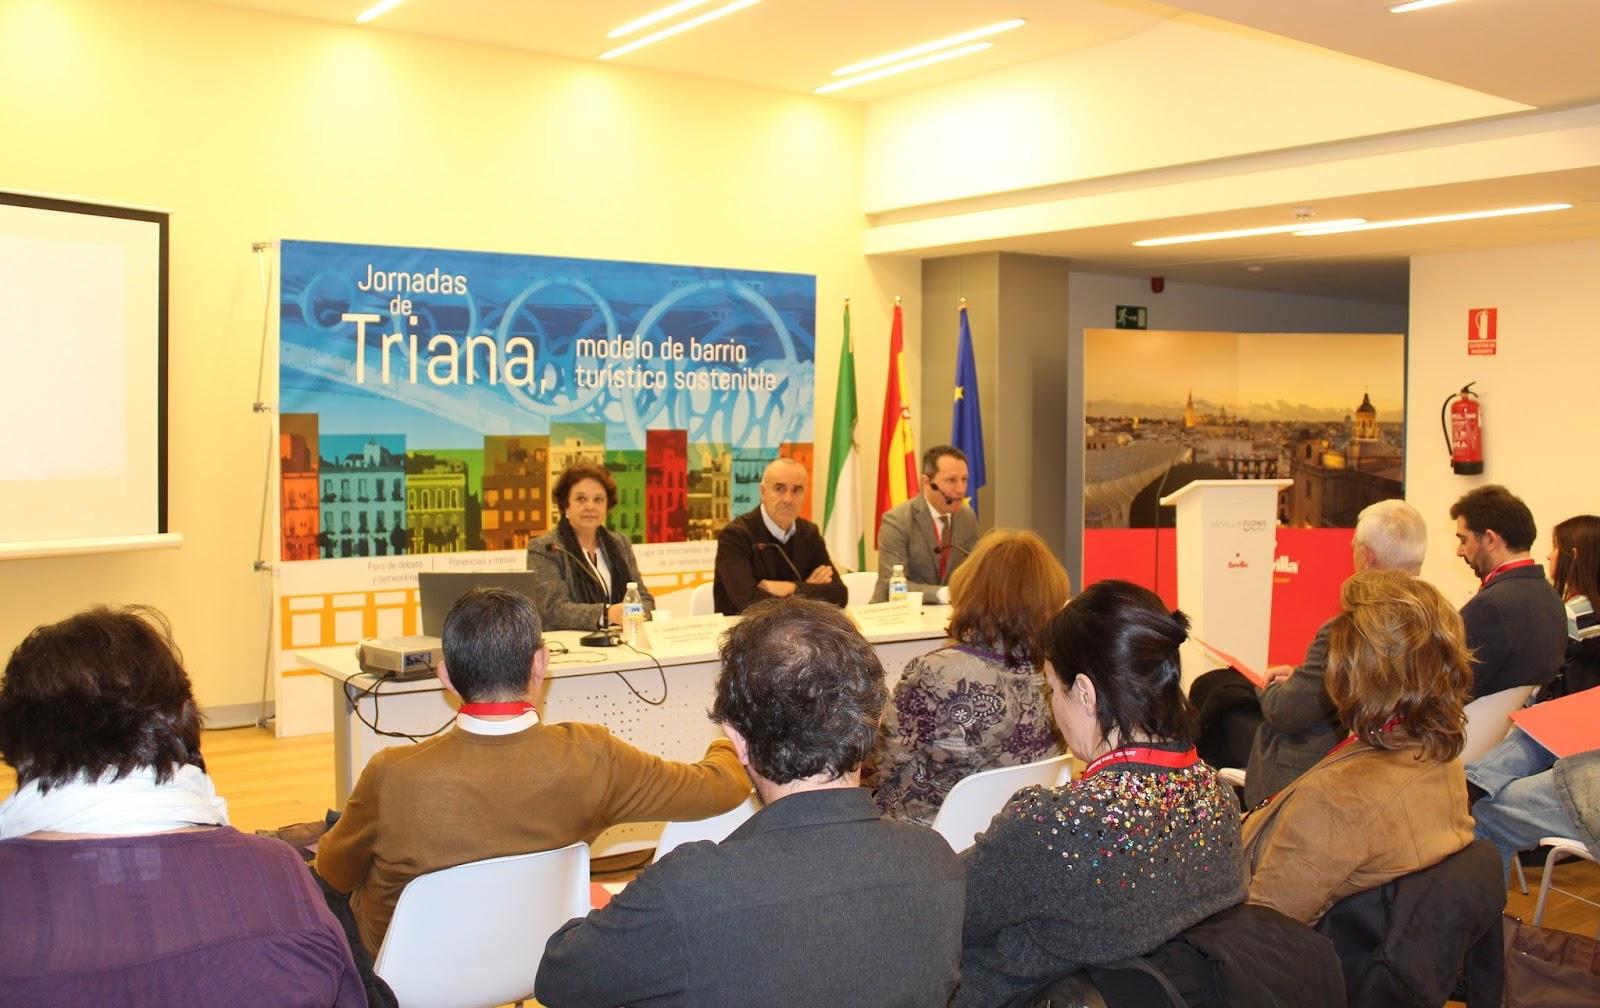 El Ayuntamiento de Sevilla comienza la elaboración del plan turístico para Triana